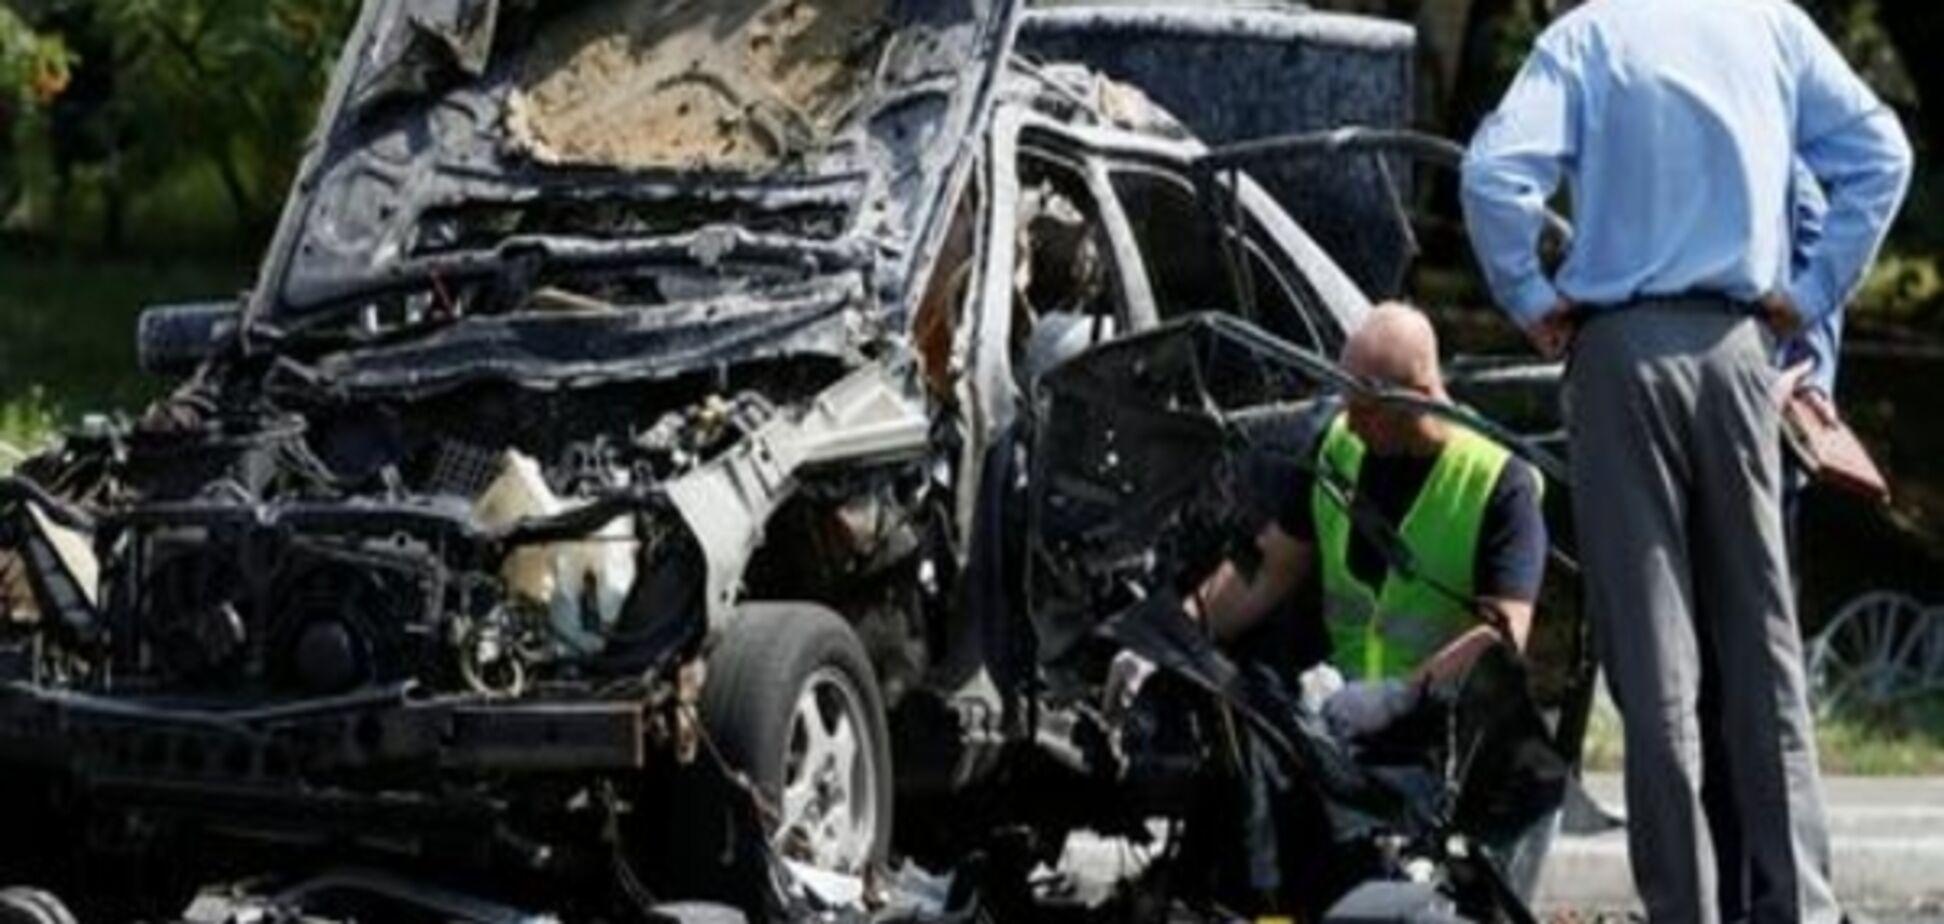 Месть террористов и другие версии: DW об убийстве разведчика в Киеве